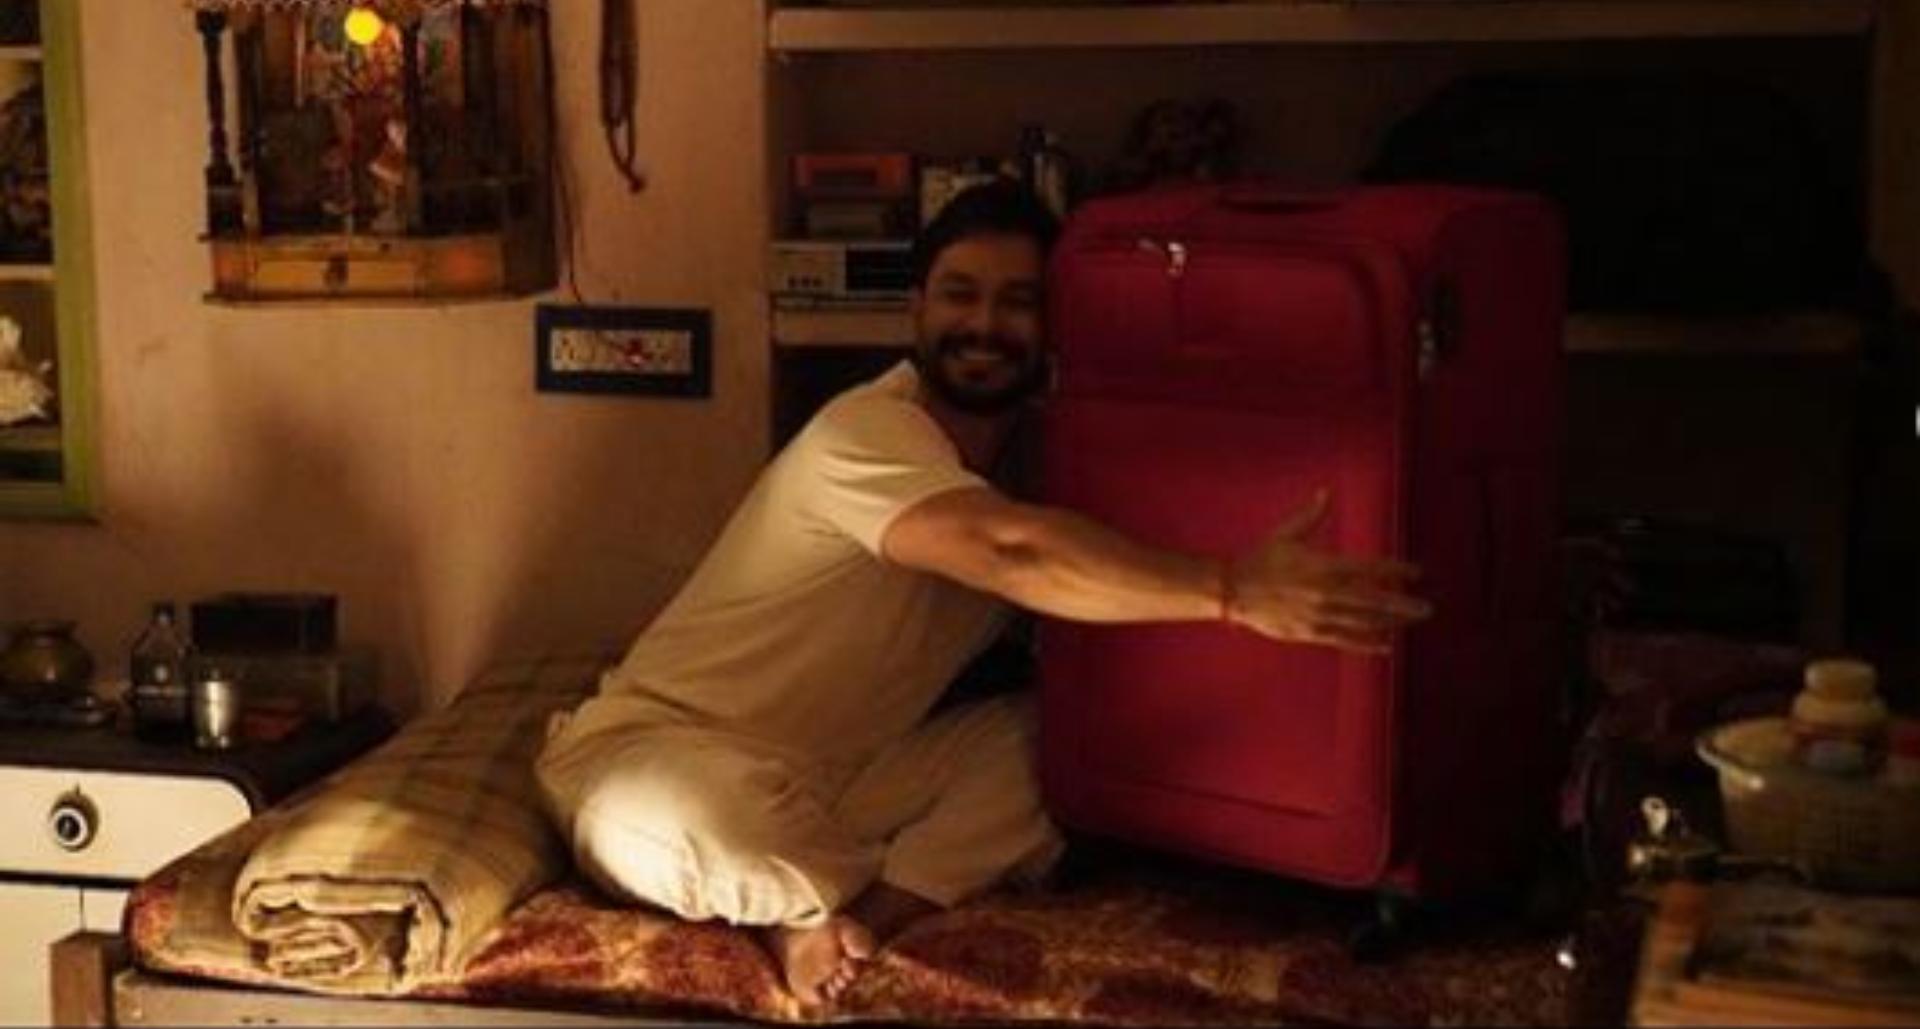 लुटकेस' को मिल रही शानदार समीक्षा के बीच, कुणाल केमू ने 'पति, पत्नी और….' के साथ देखी फ़िल्म, पहचानों कौन?